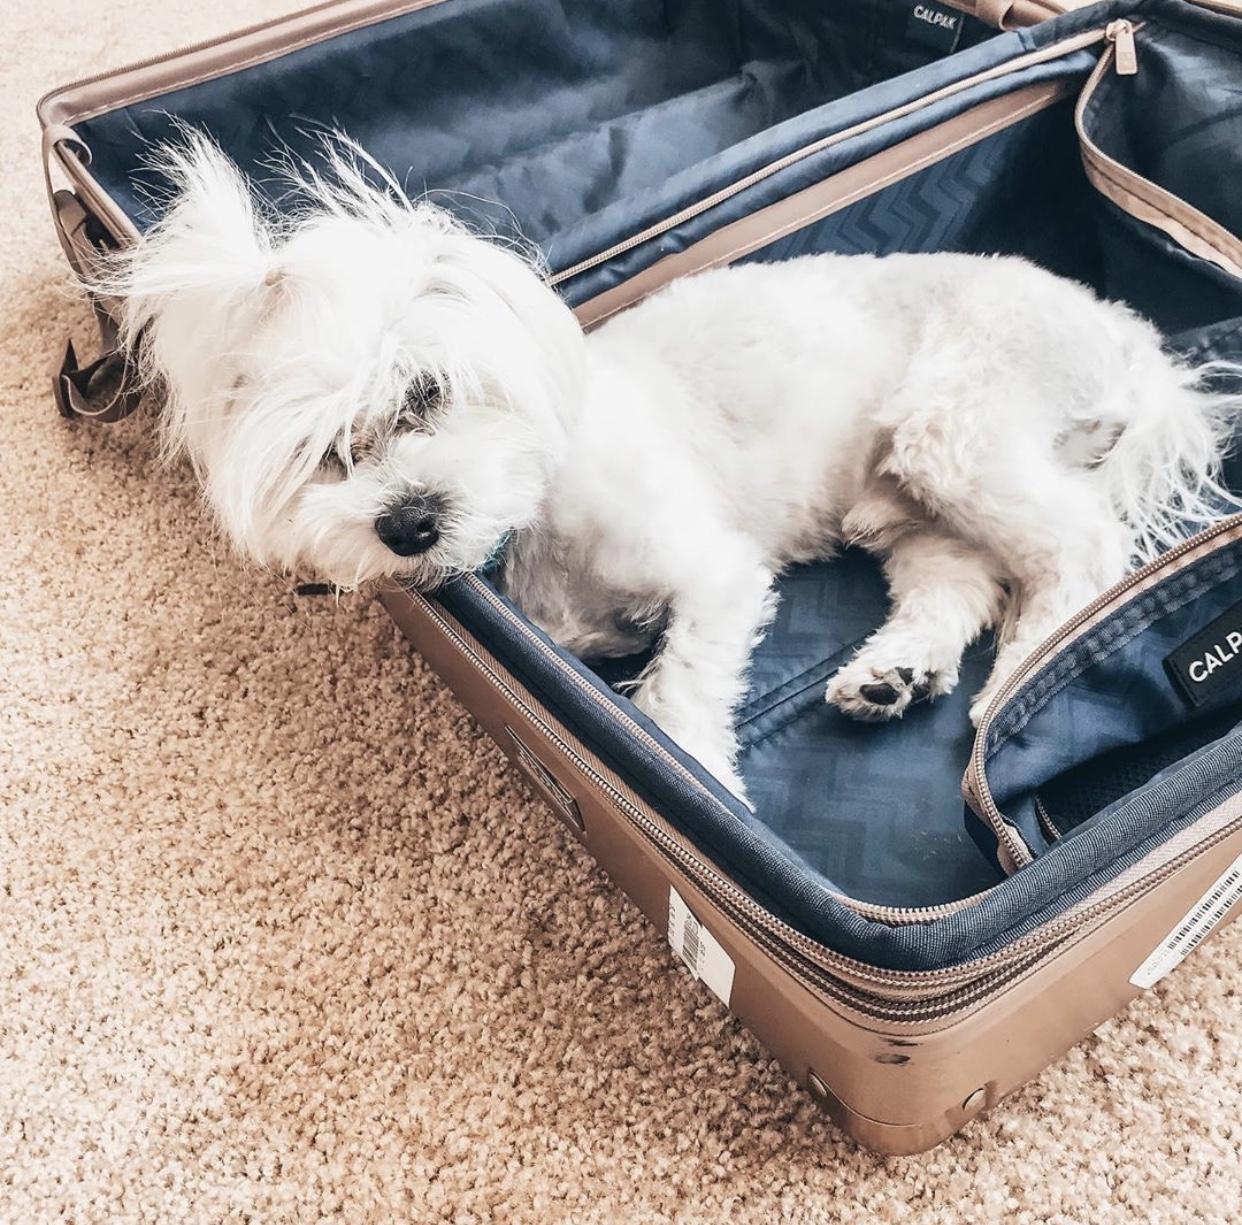 Ambeur Luggage w/ @peanutmaltese -